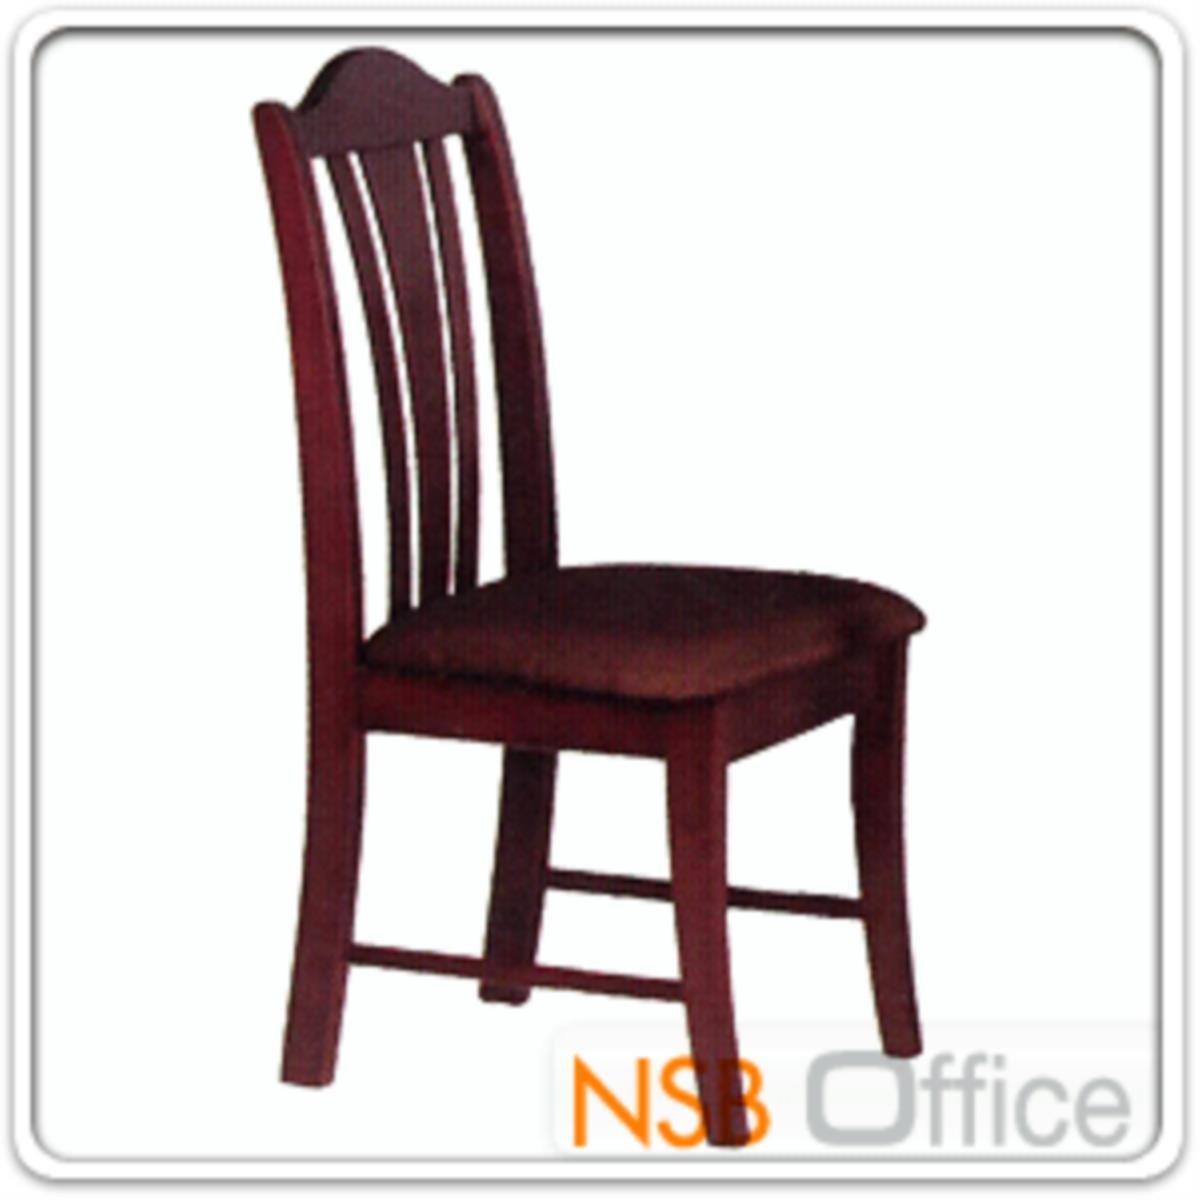 เก้าอี้ไม้ยางพาราที่นั่งหุ้มหนังเทียม รุ่น Morris (มอร์ริส) ขาไม้